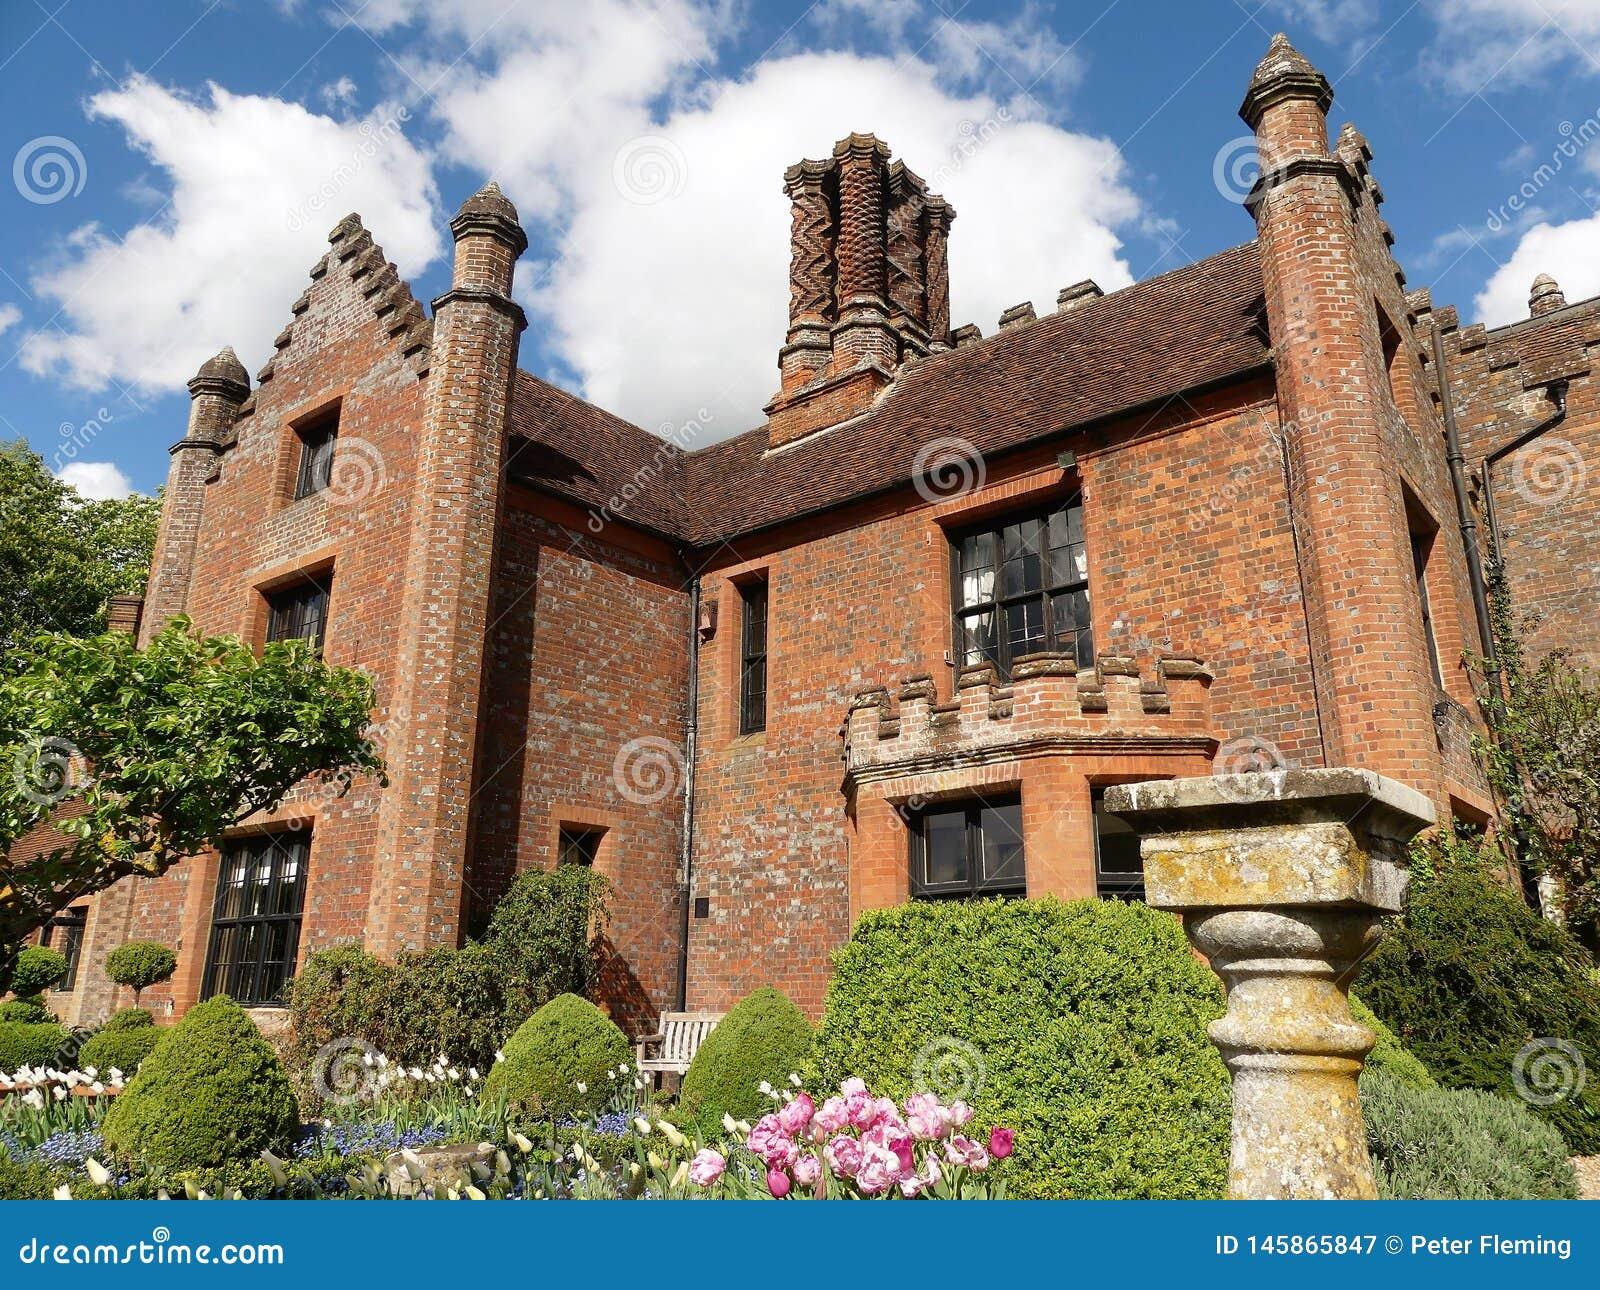 Chenies rezydencji ziemskiej dom, Tudor stopie? spisywa?em budynek, w wio?nie